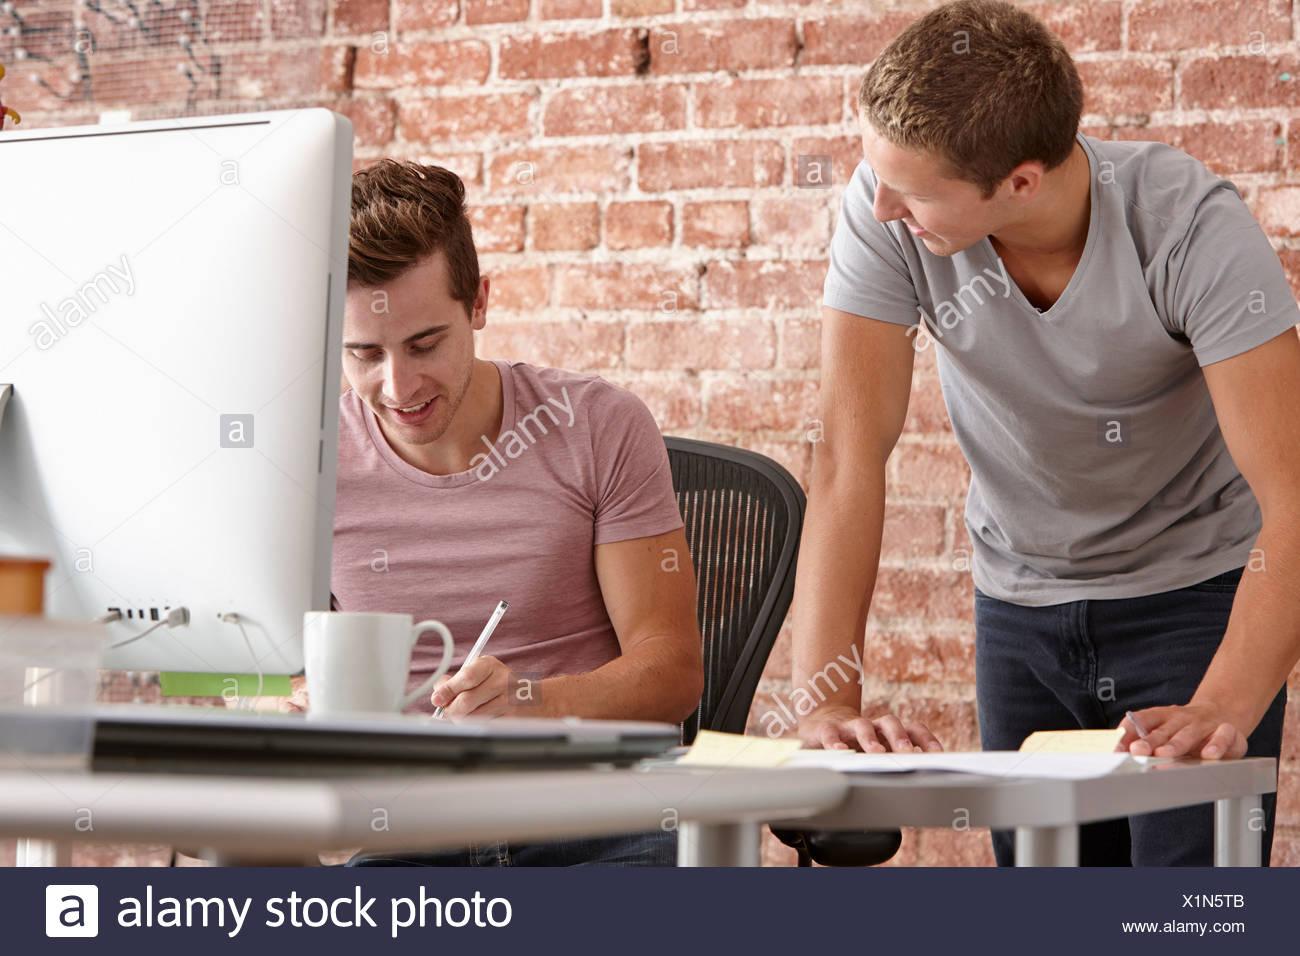 Los hombres jóvenes hablando y escritorio con ordenador Imagen De Stock